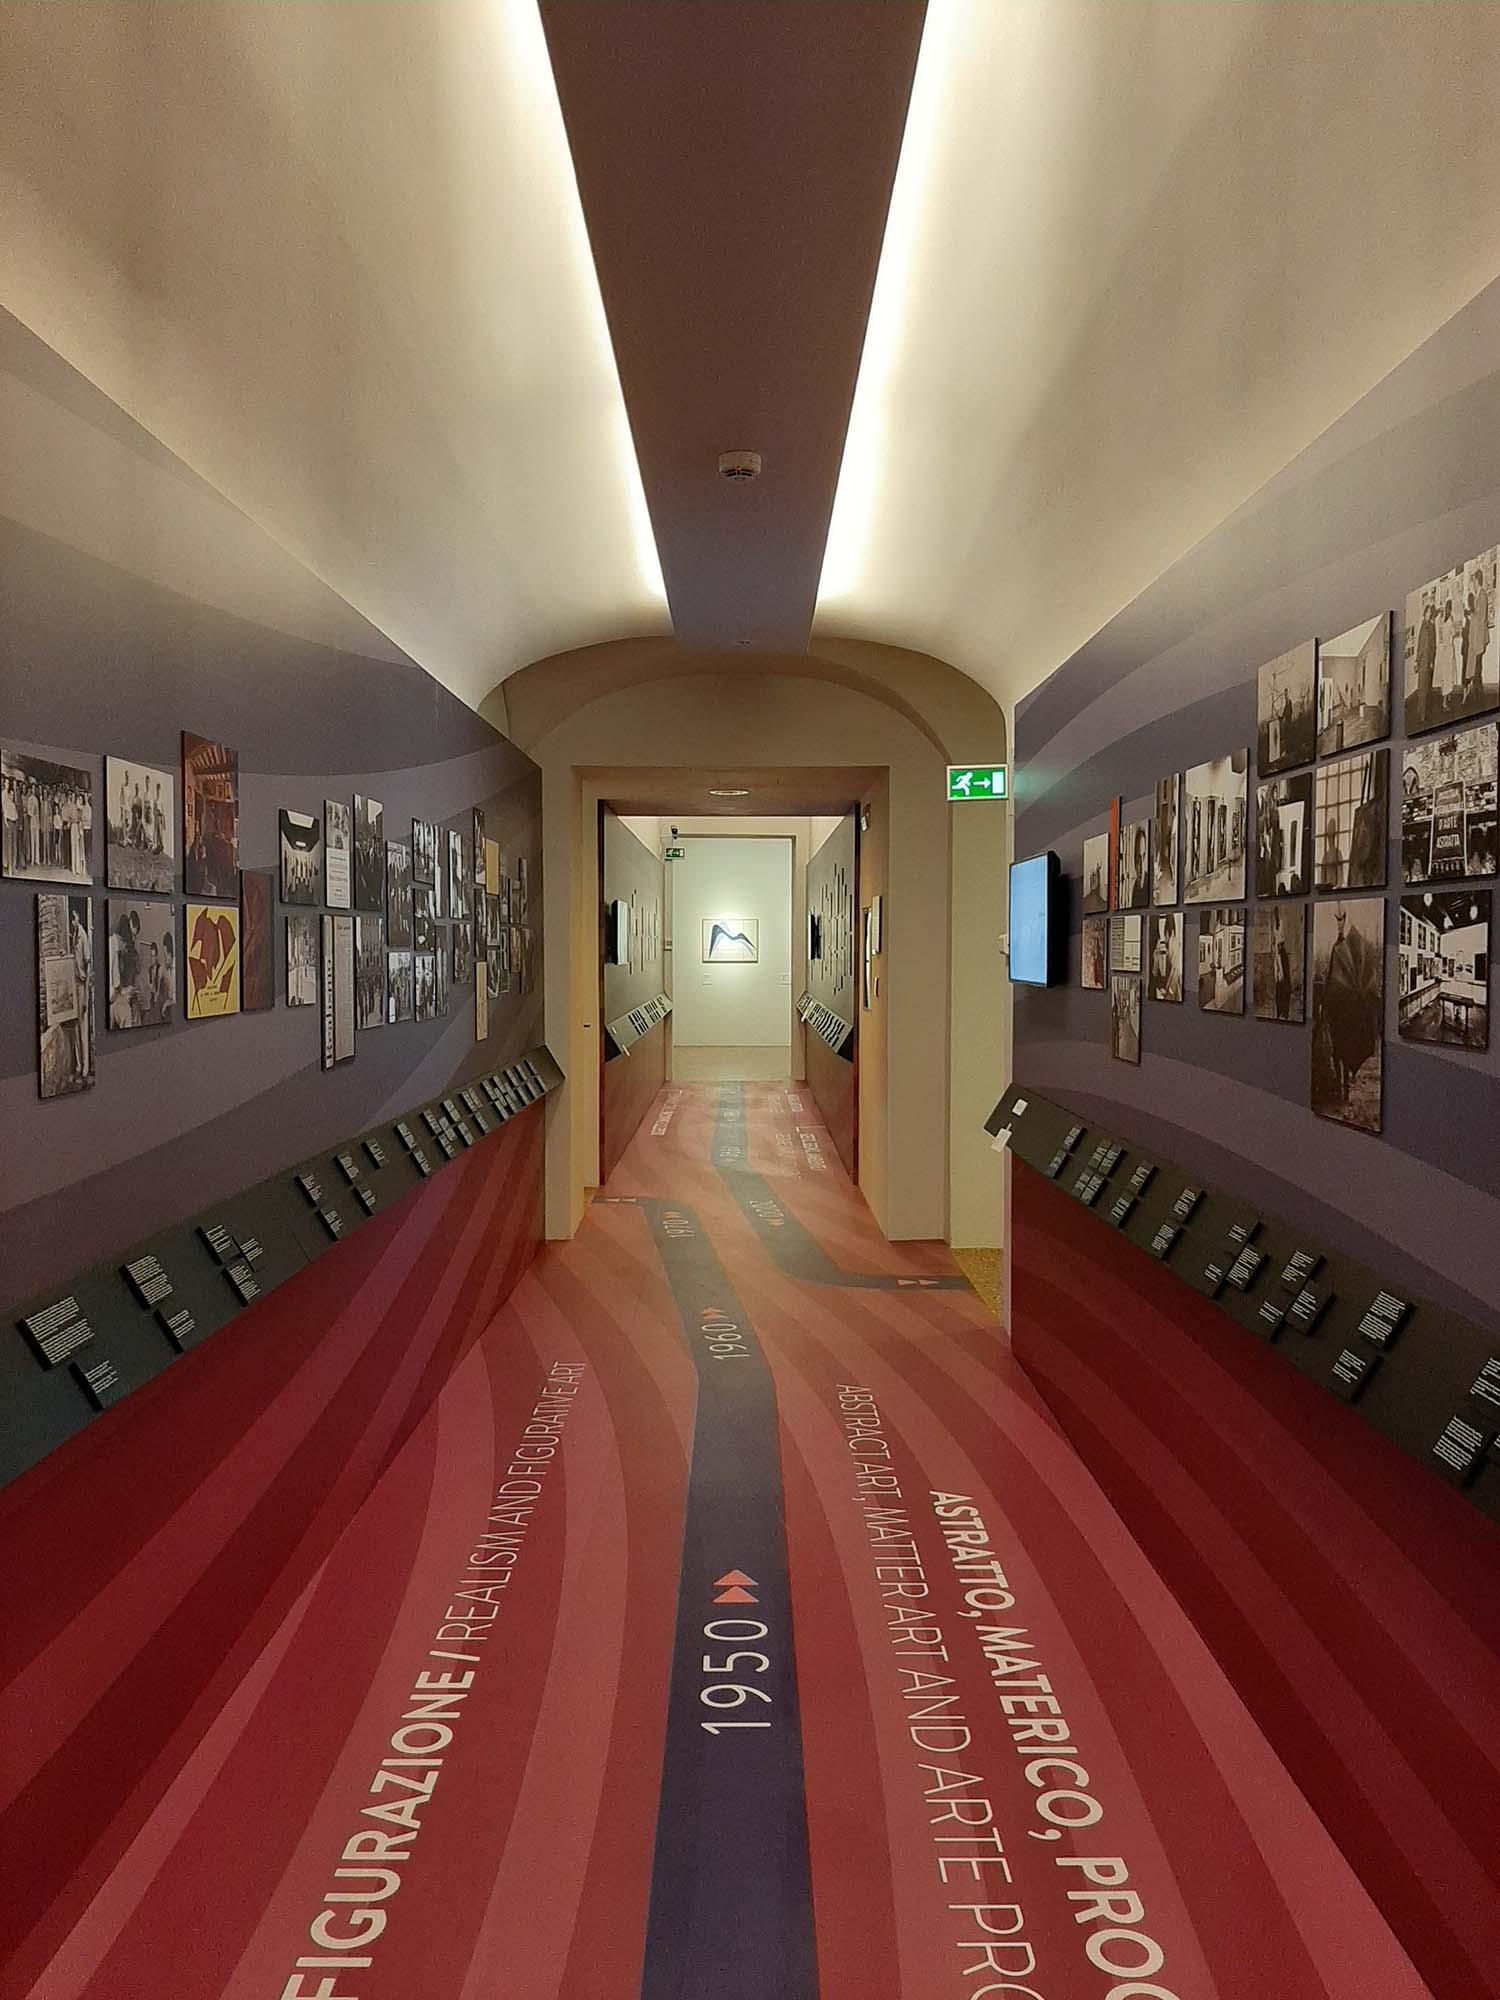 pistoia-novecento-palazzo-de-rossi-pistoia-2020